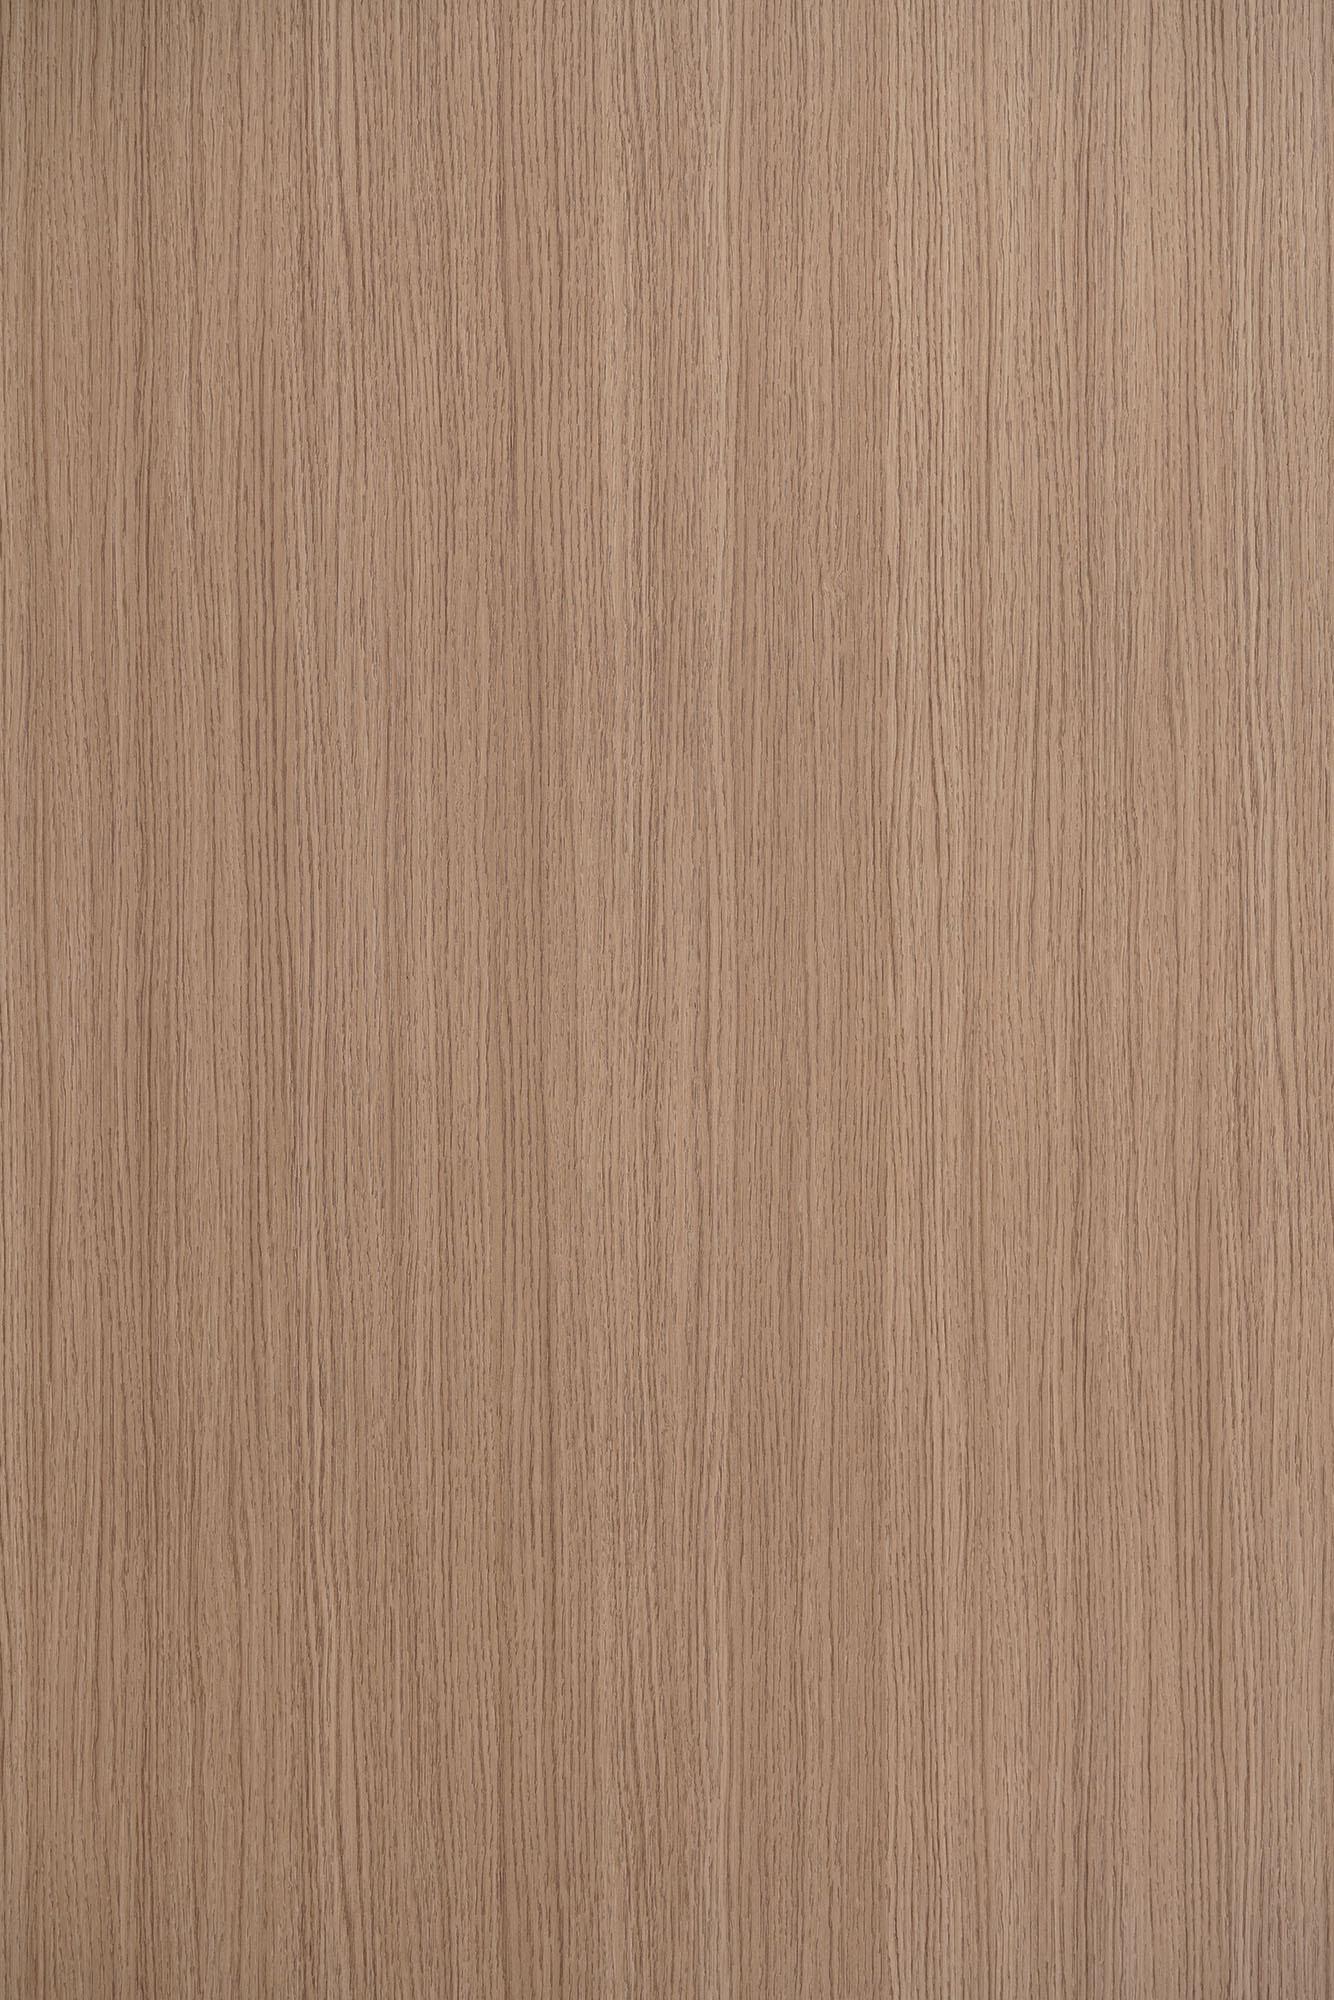 Thames Oak